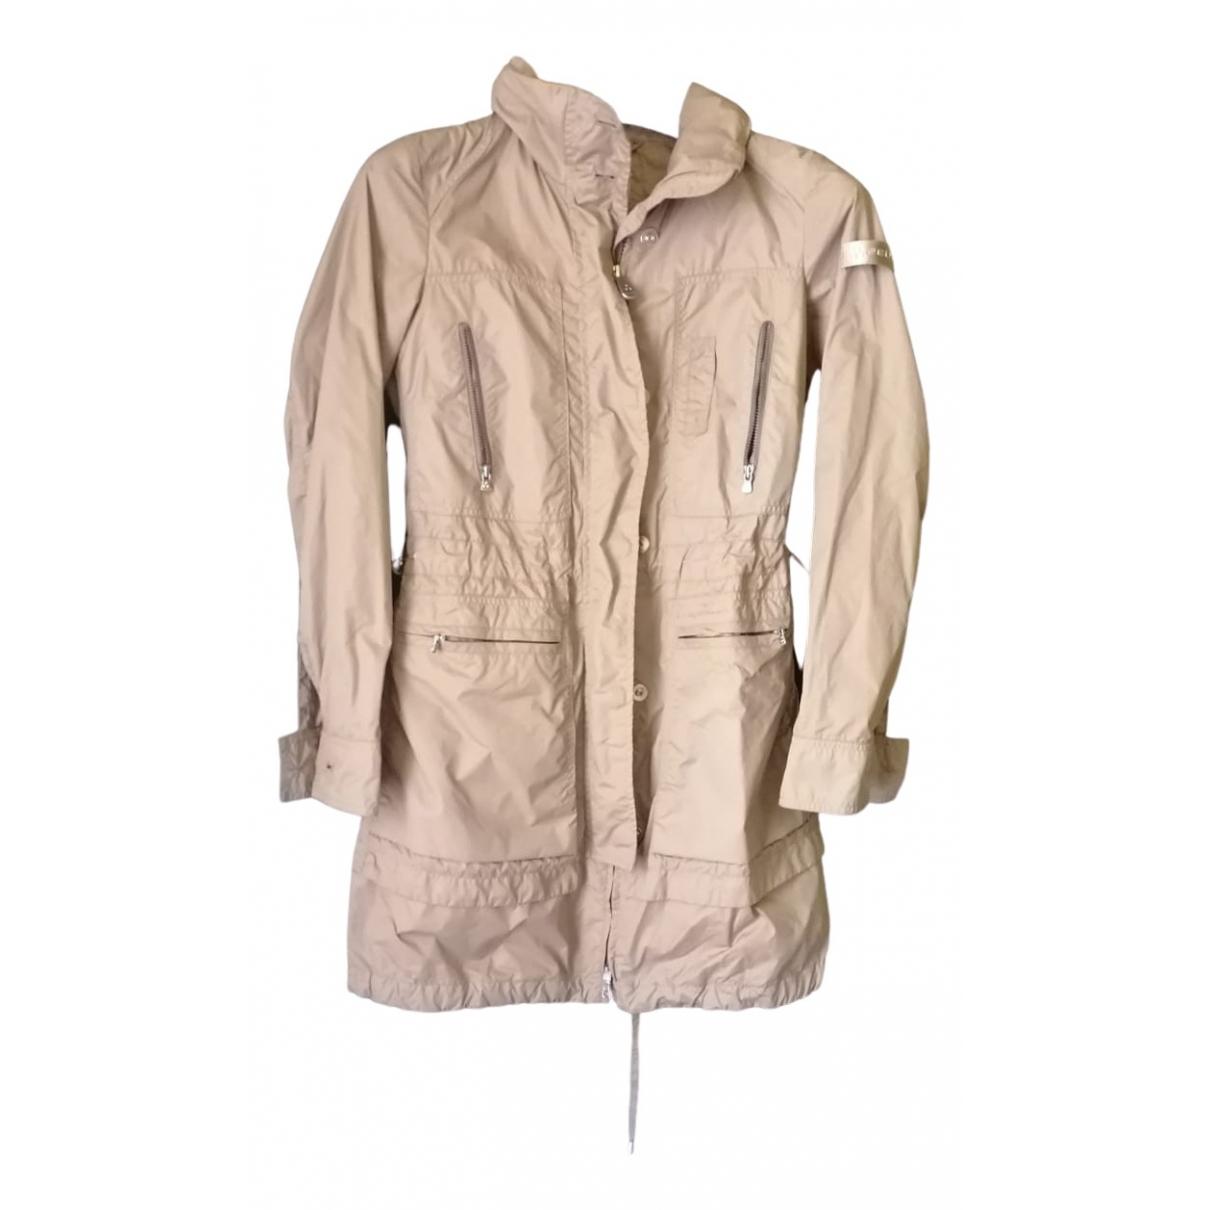 Peuterey \N Beige jacket for Women 40 IT